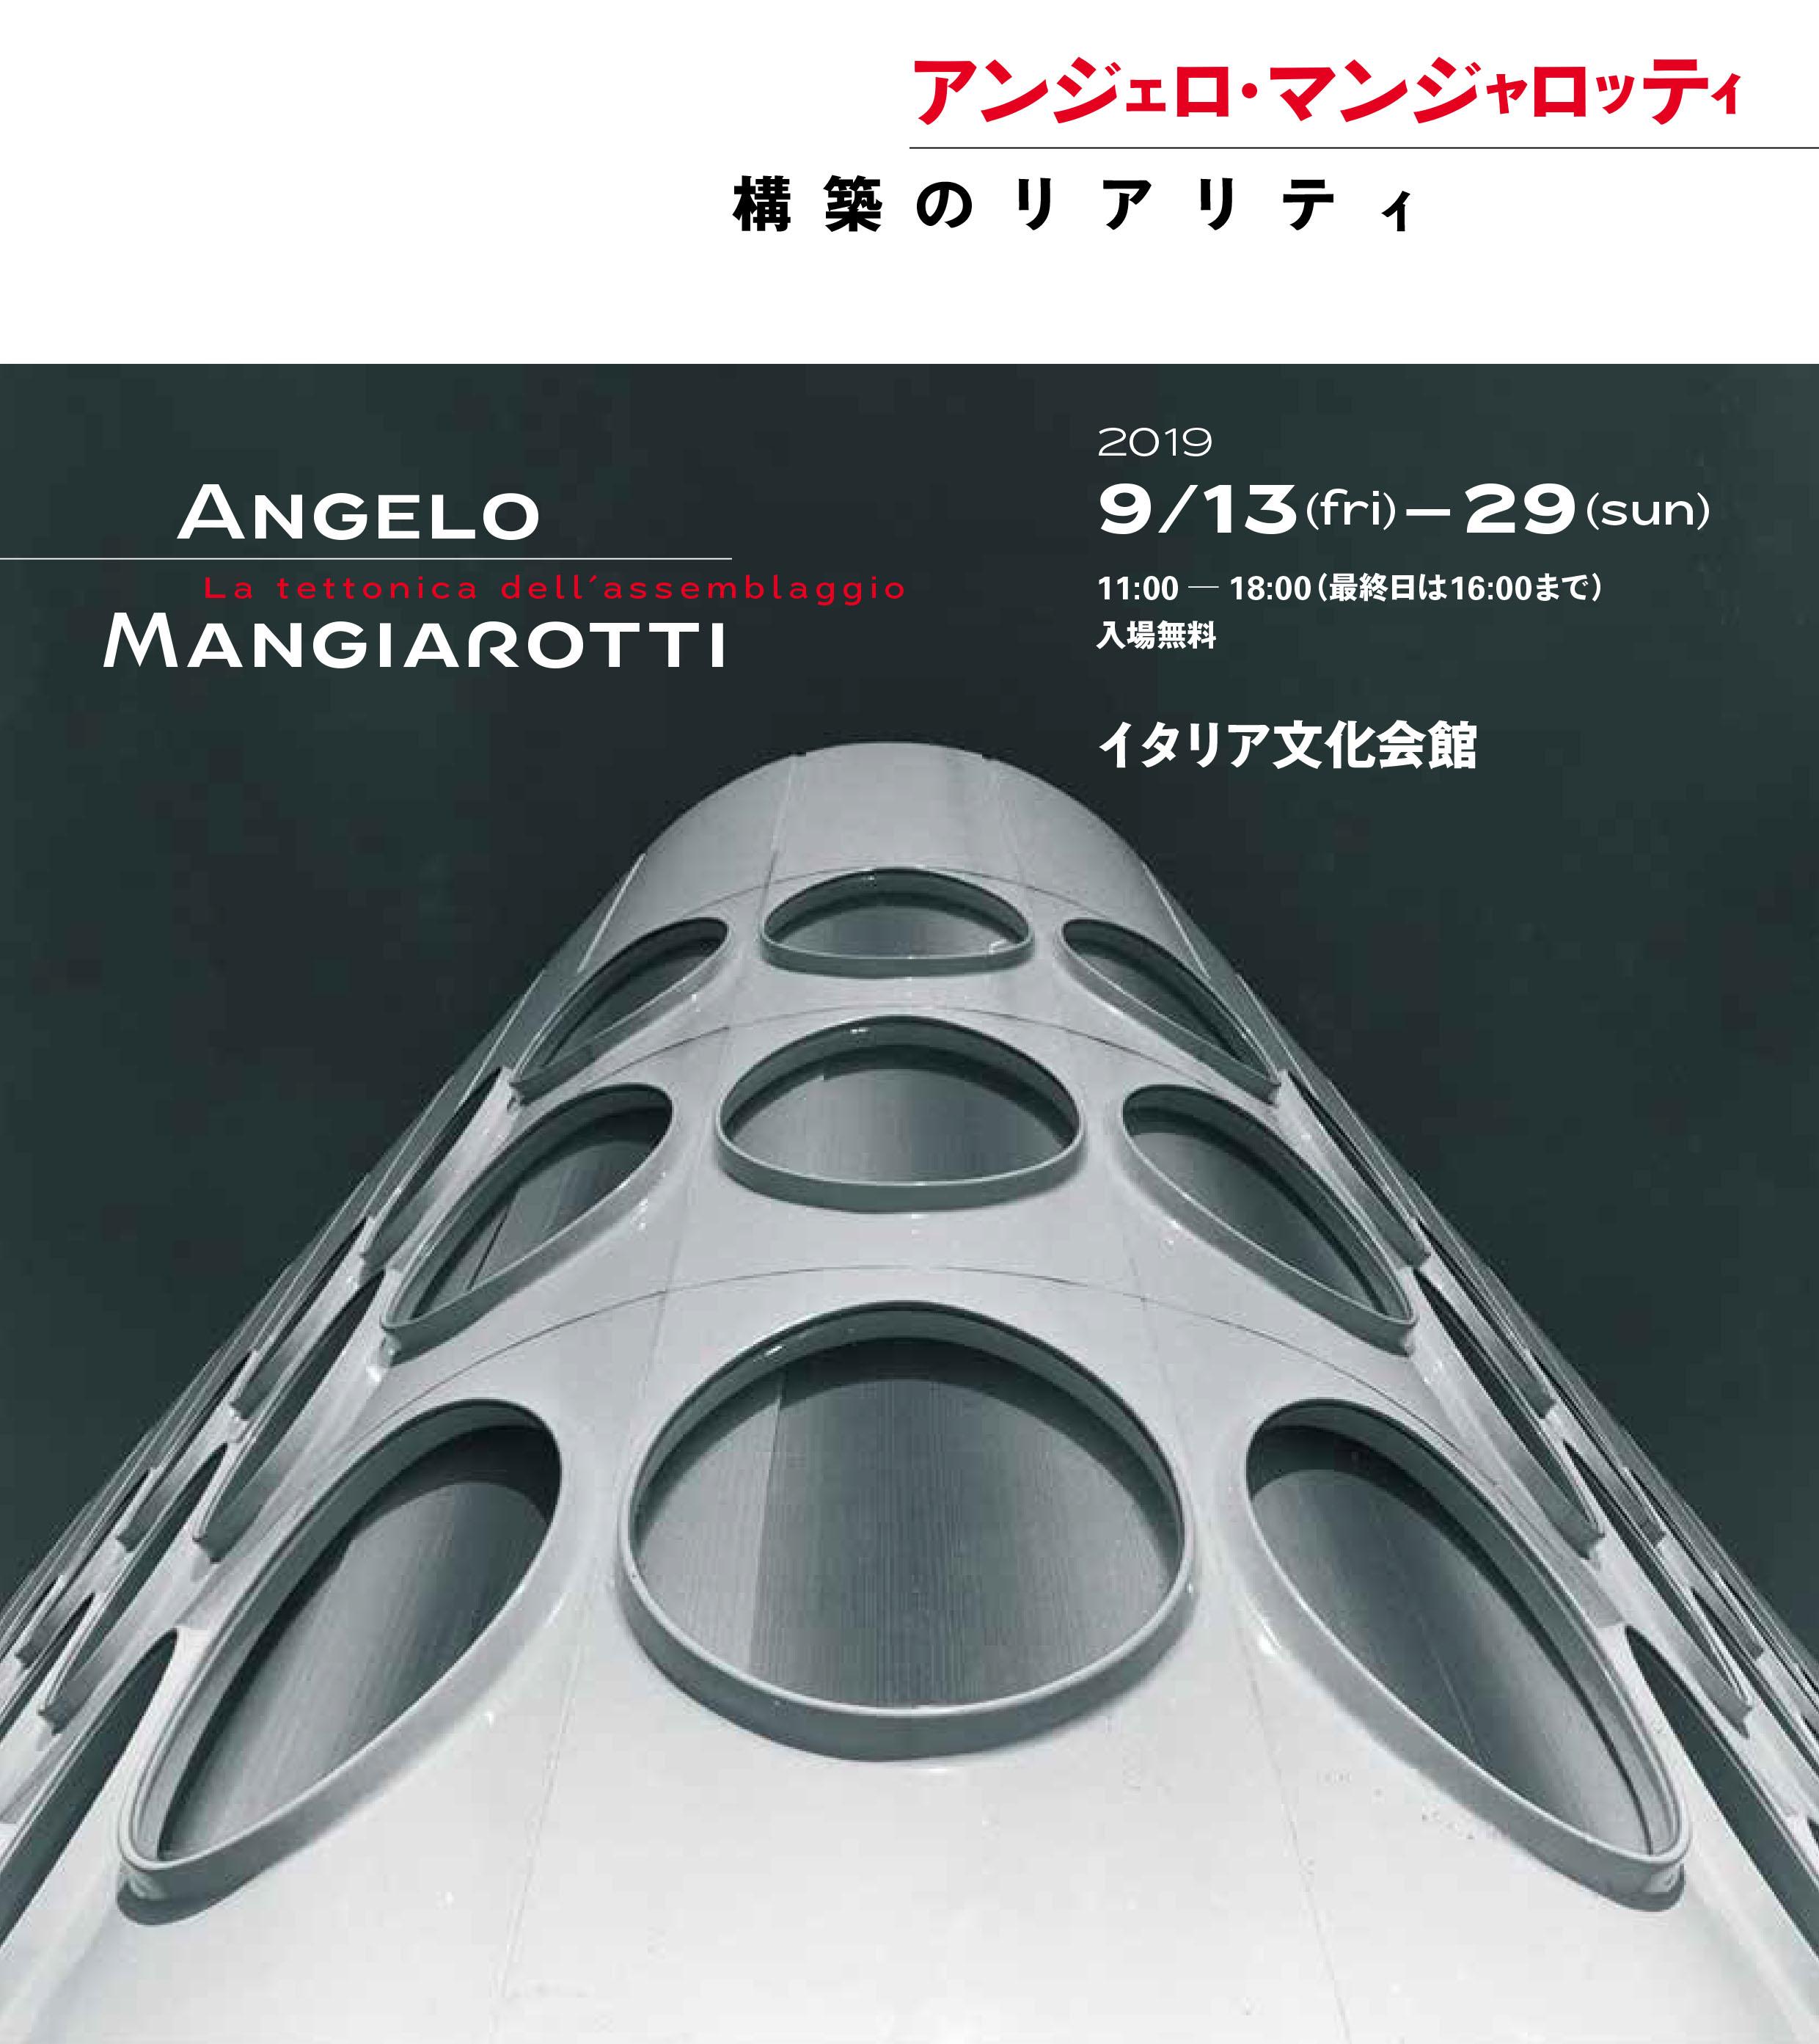 Angelo Mangiarotti 展覧会